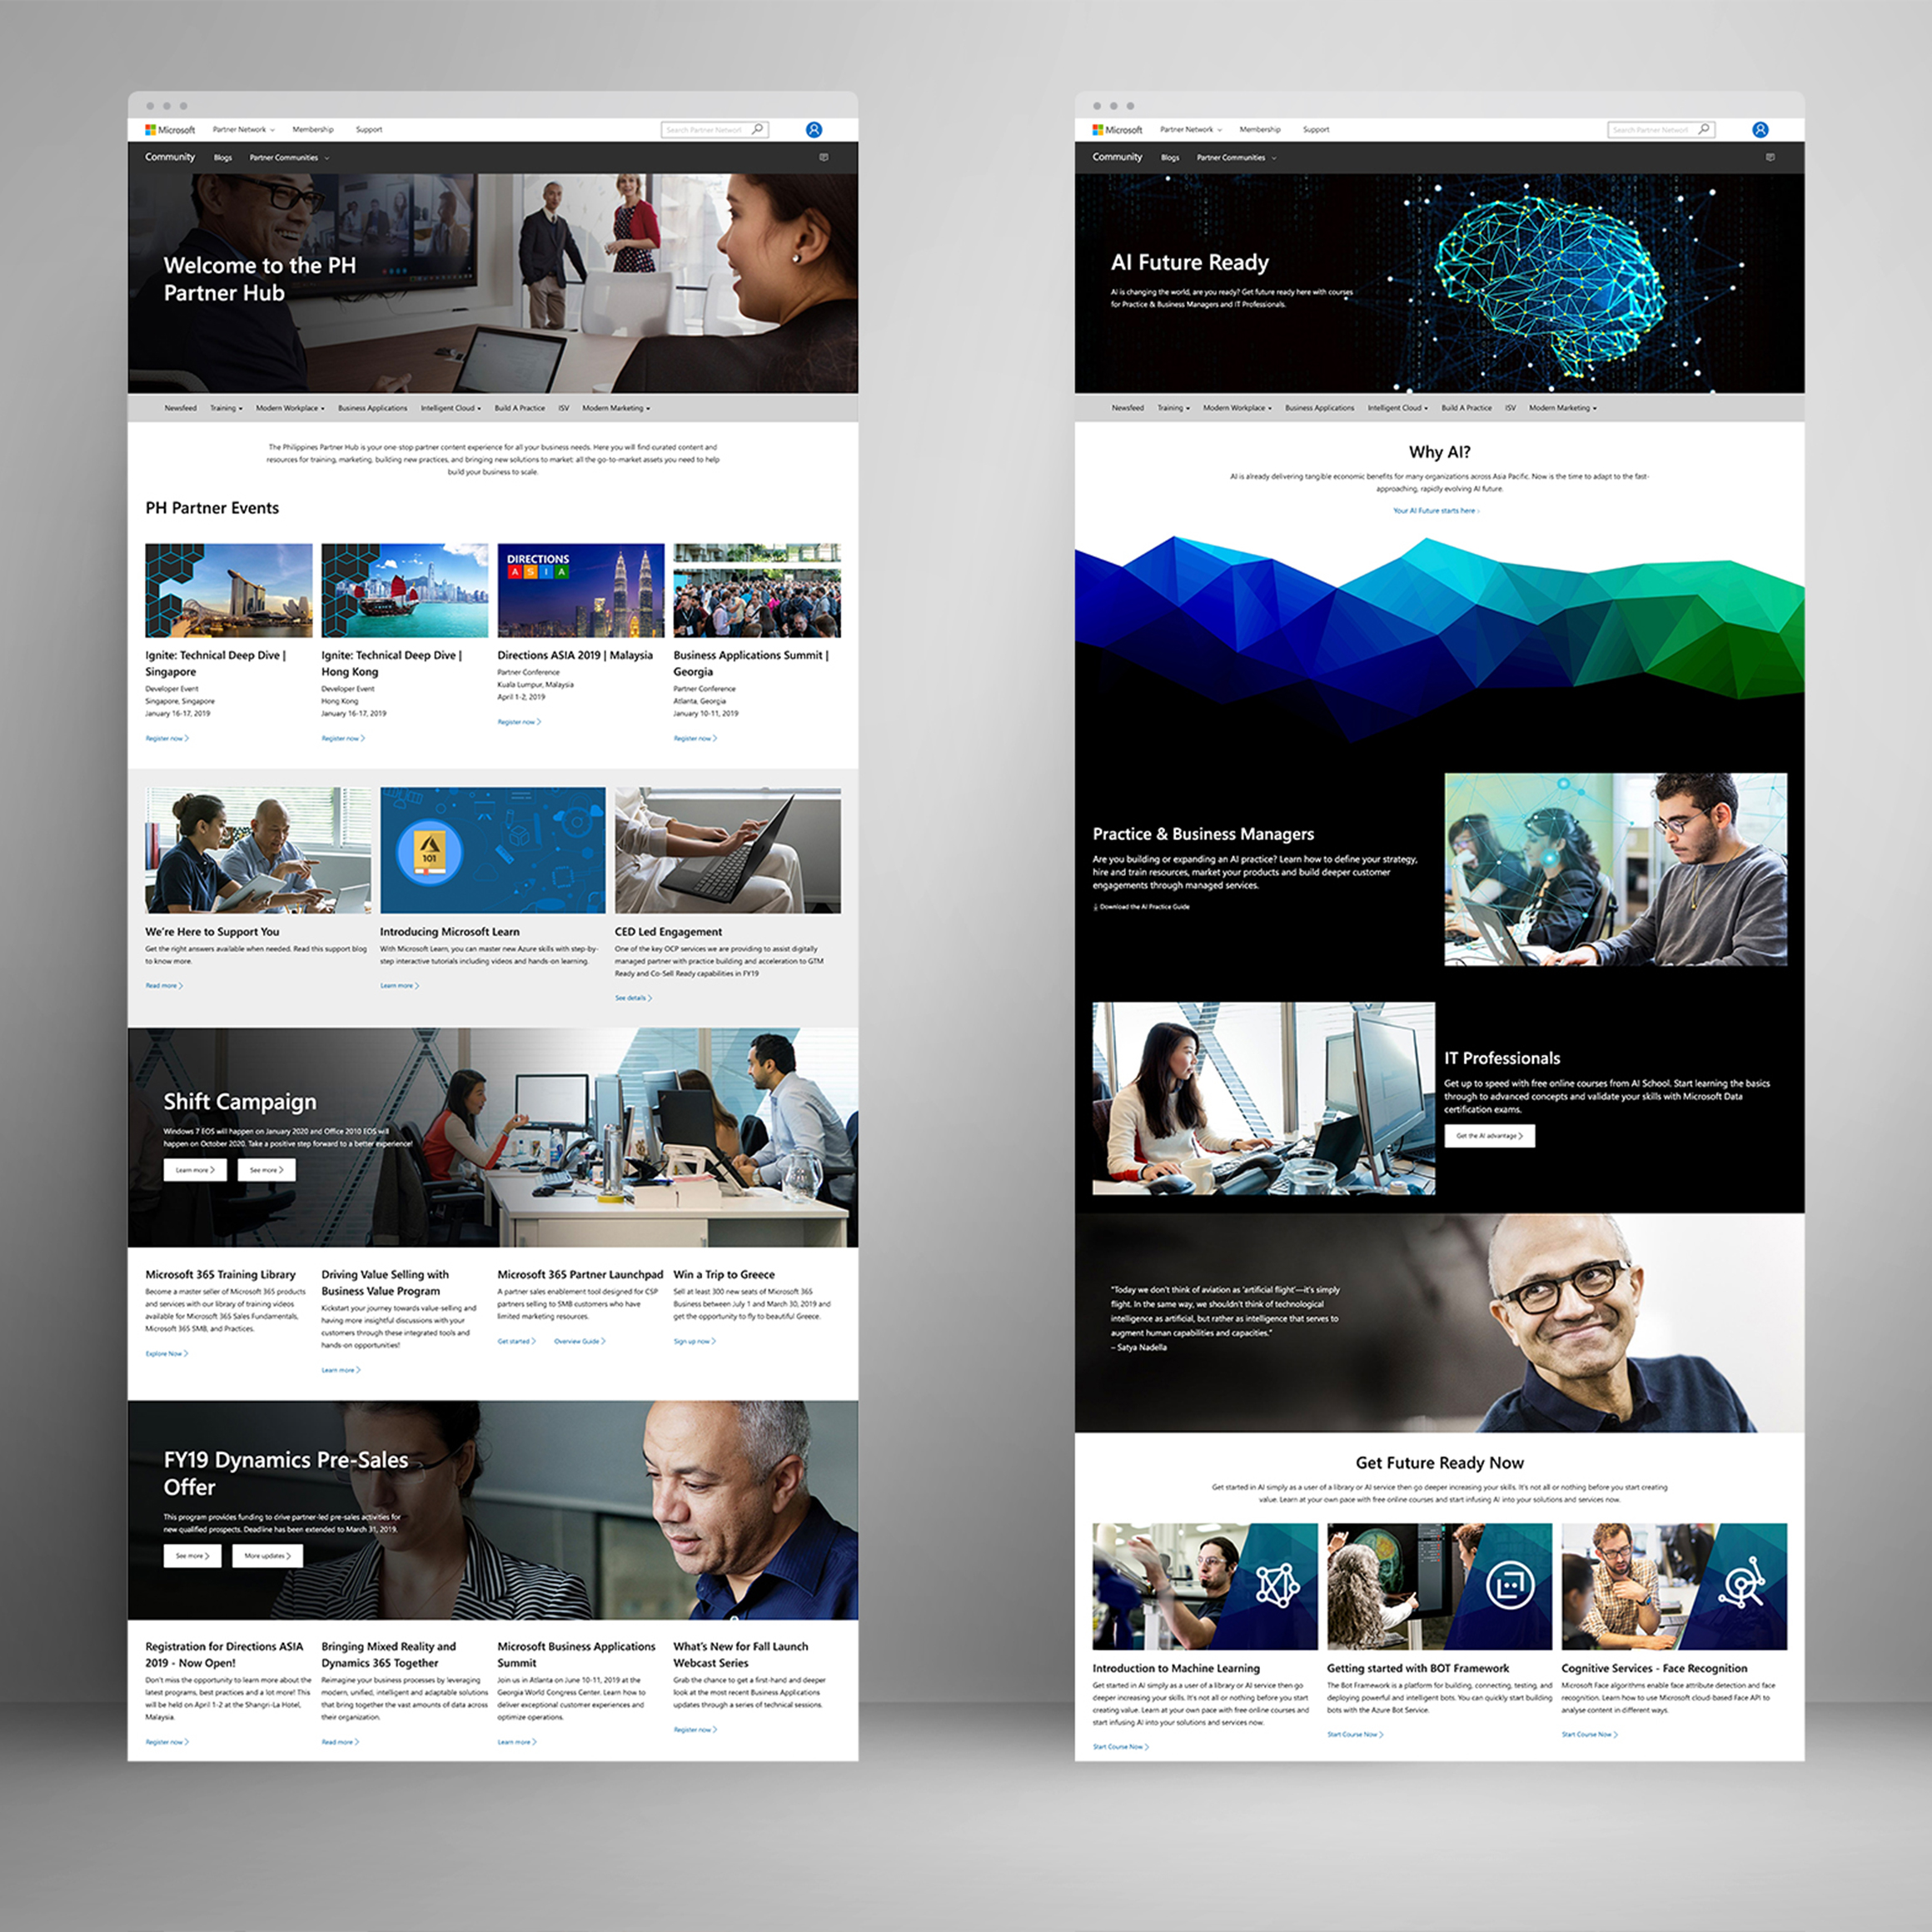 Microsoft Partner Hub APAC